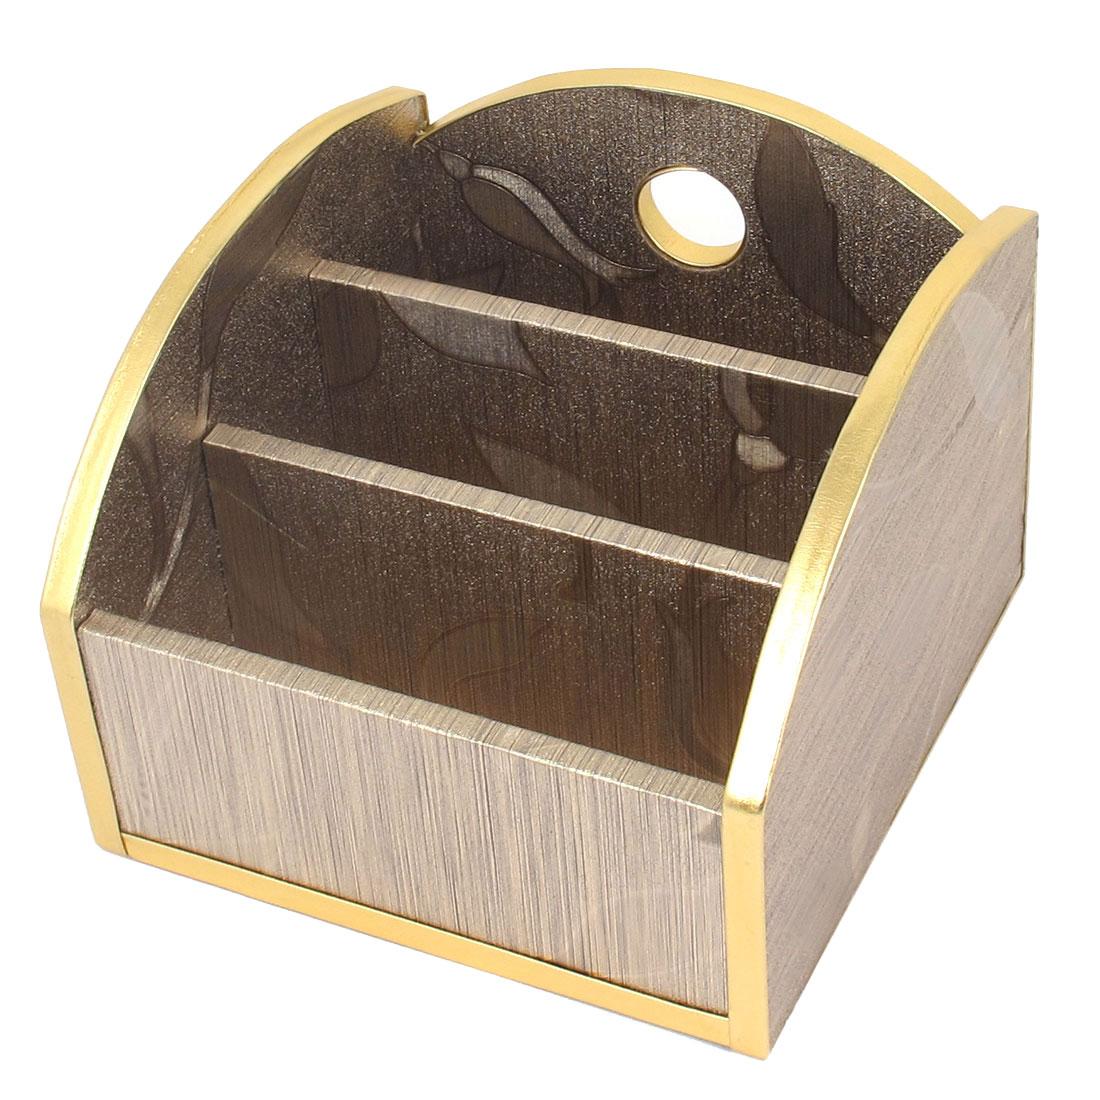 TV Remote Control Flower Pattern 3 Slot Design European Style Wooden Storage Box